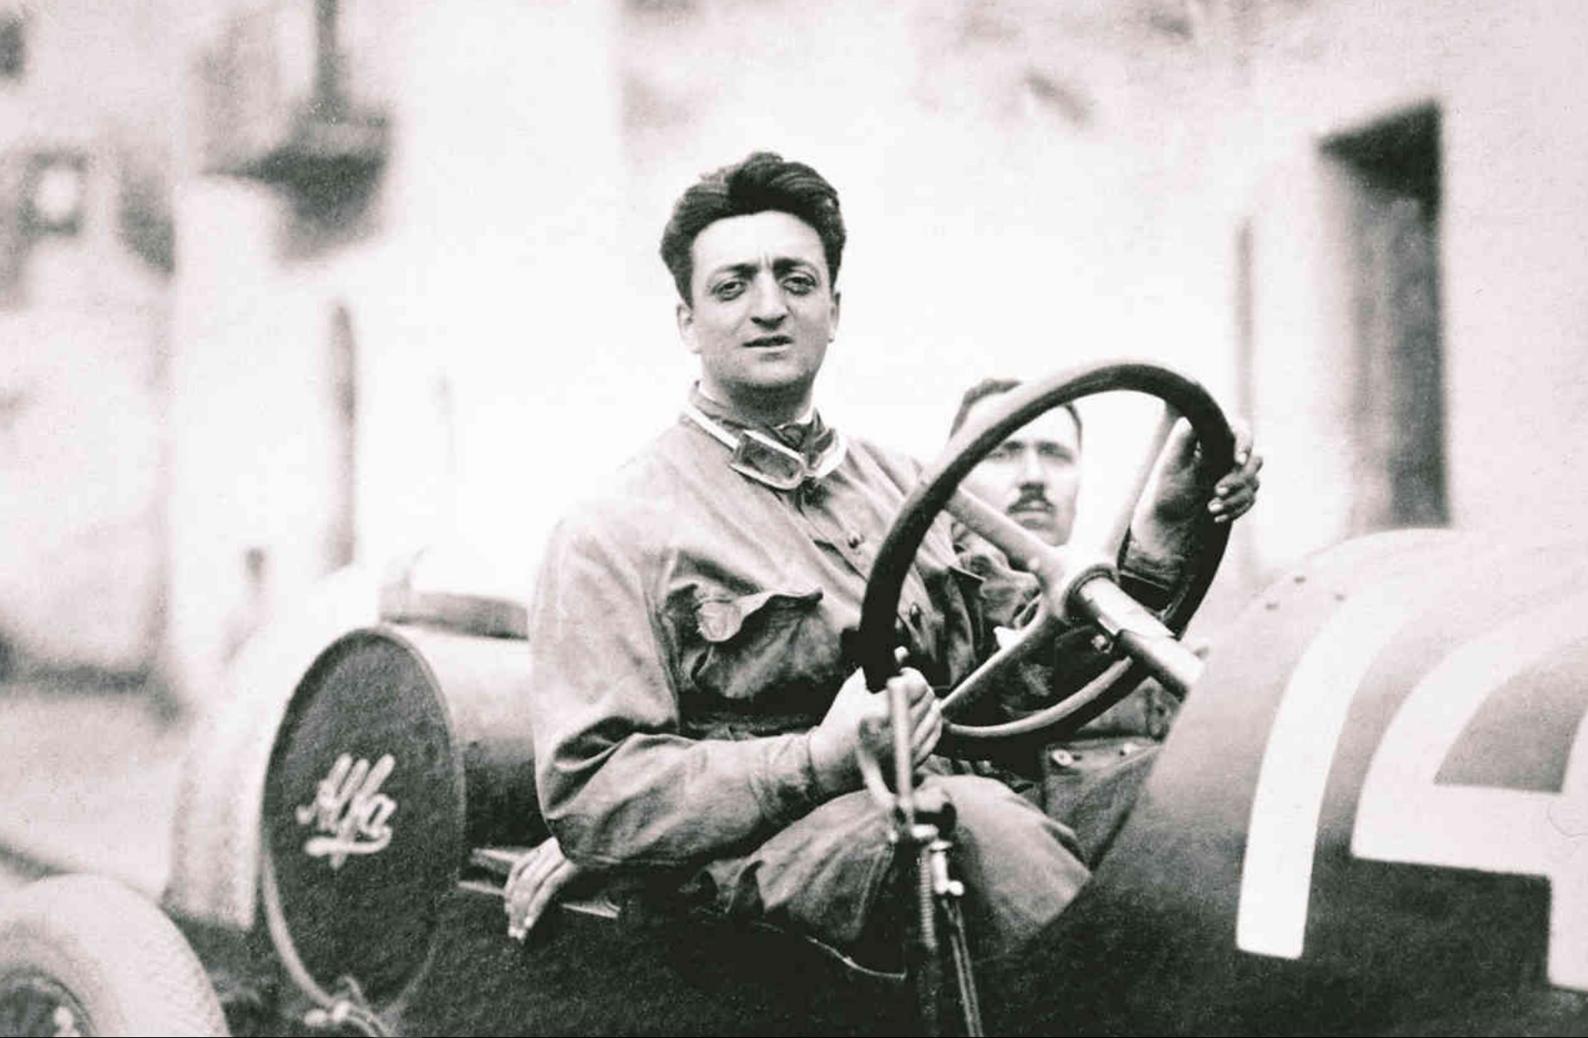 Zanimljivosti: Enzo Ferrari